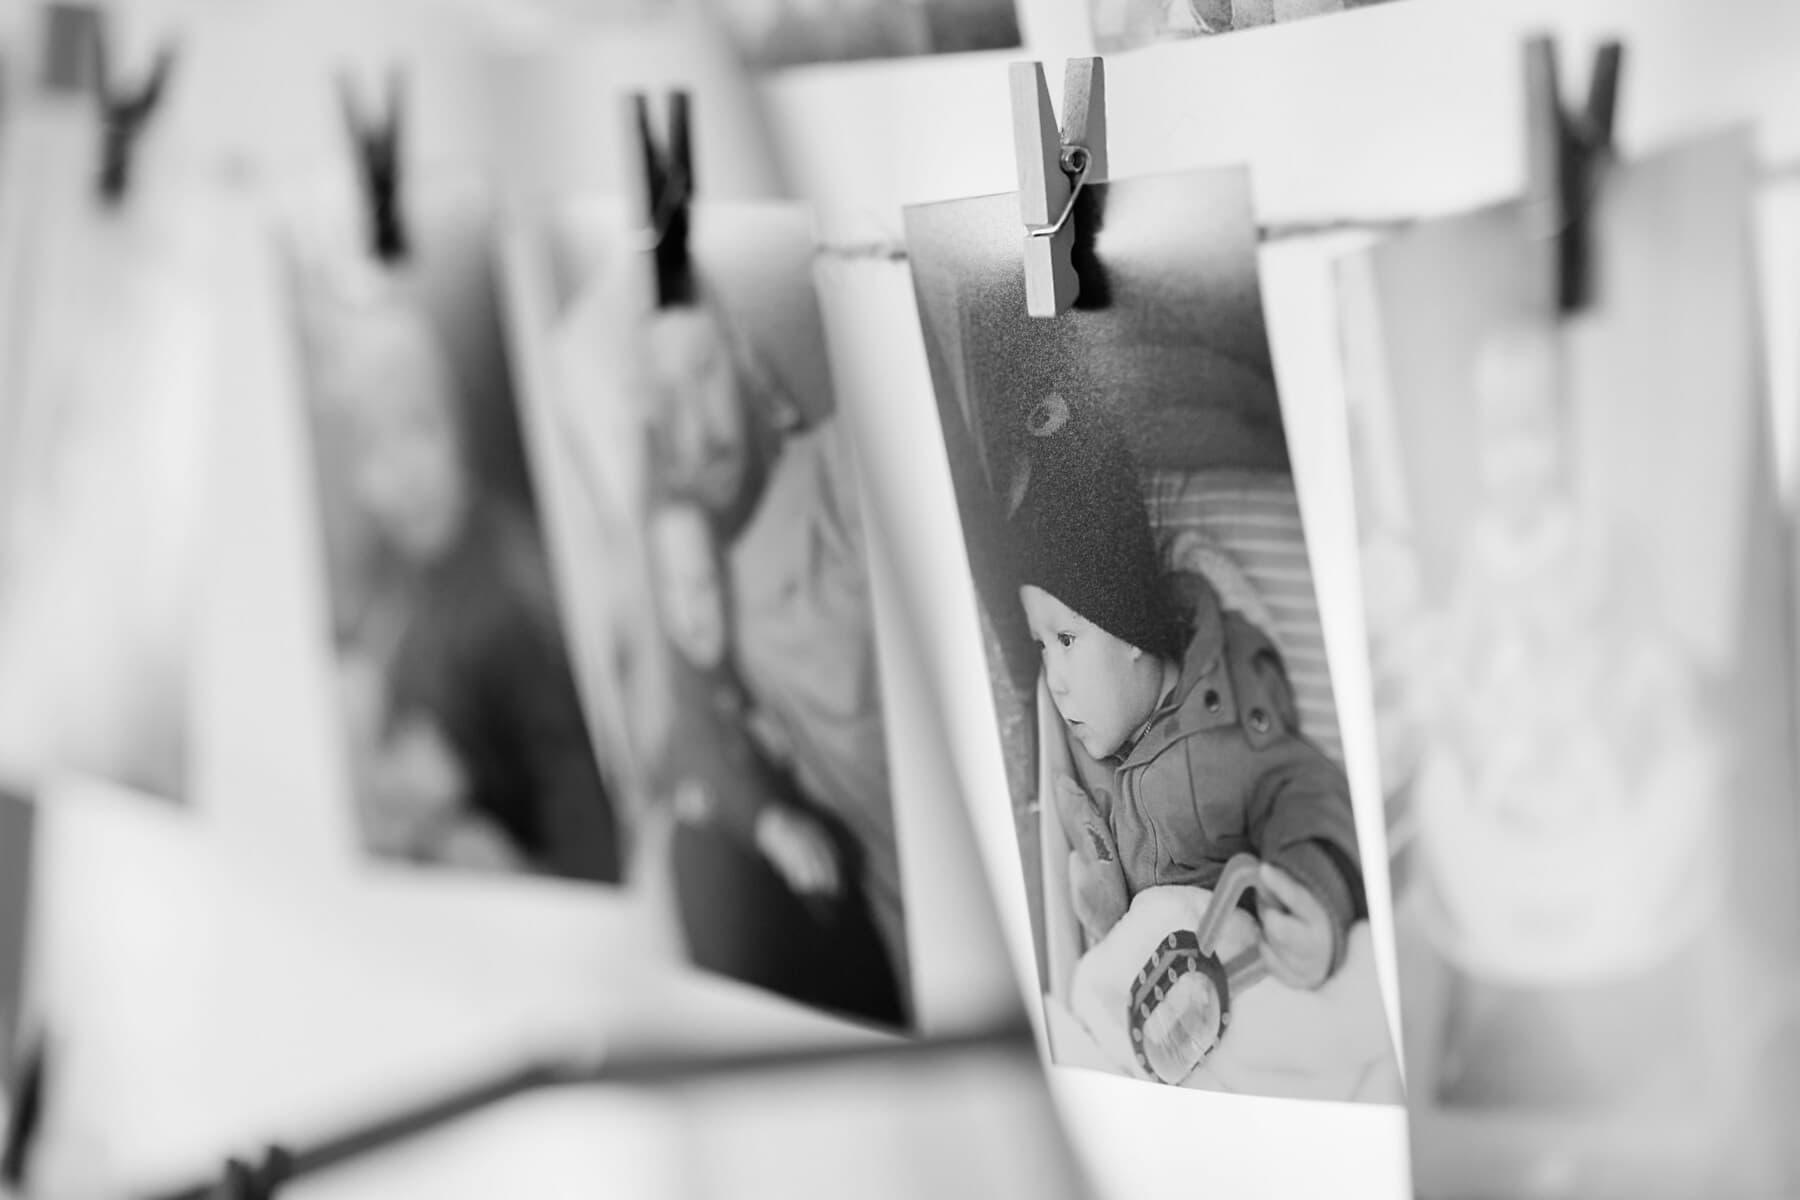 memorabilia, photo, nostalgie, noir et blanc, photo, famille, photo, studio photo, photographie, bébé